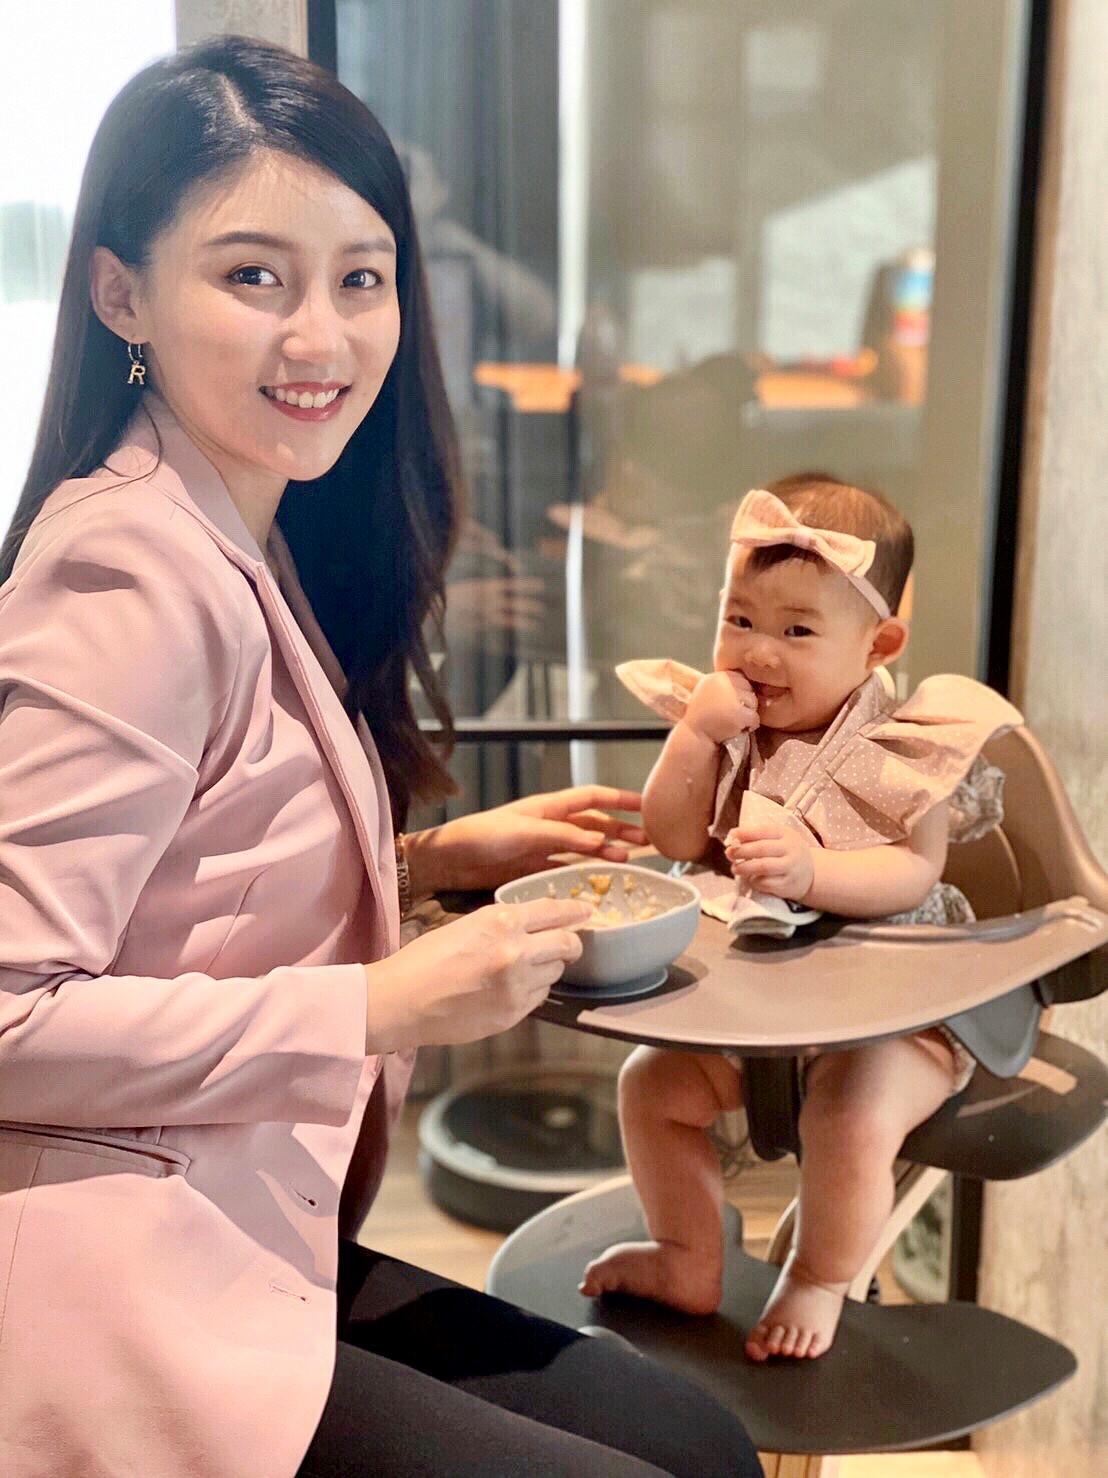 高敏敏常因女兒的小動作和家人間增添更多樂趣。(艾迪昇提供)